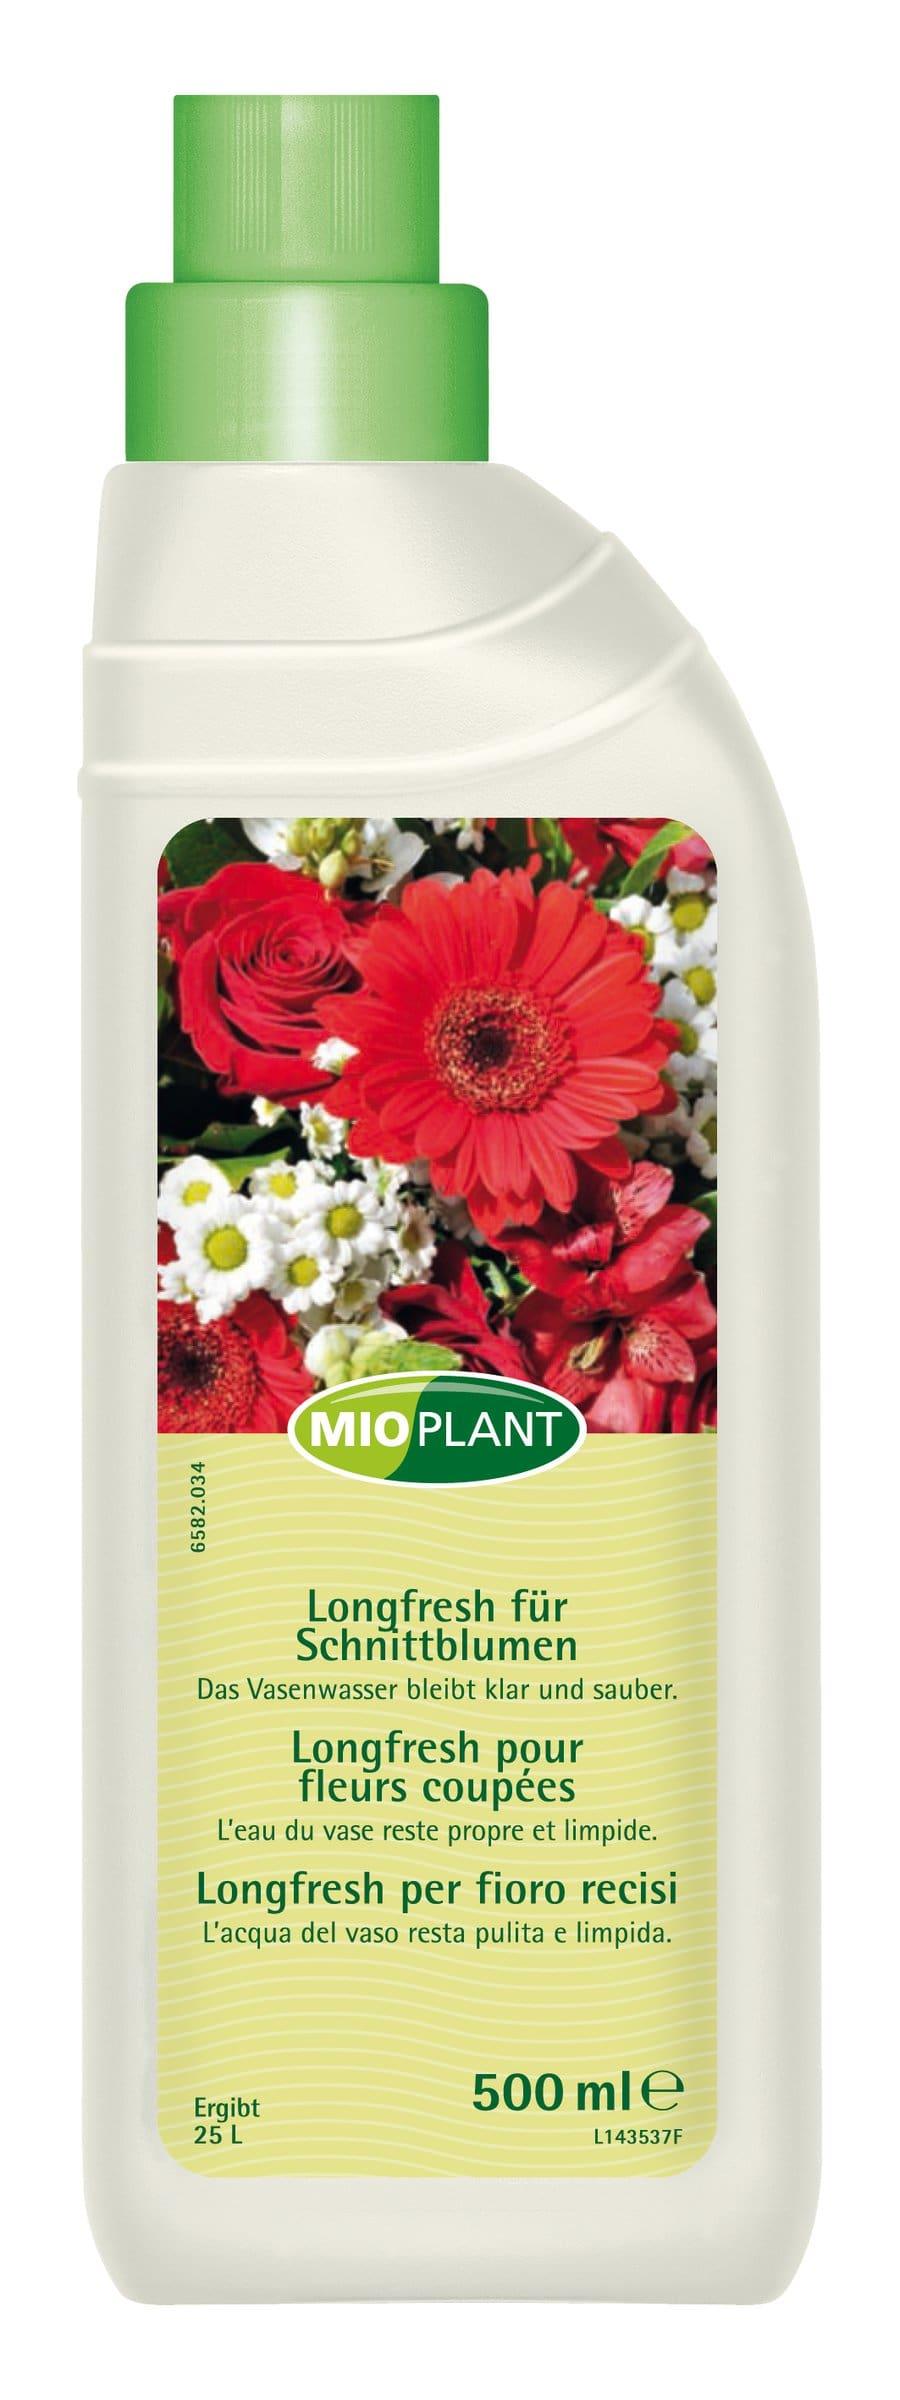 Mioplant Longfresh pour fleurs coupées